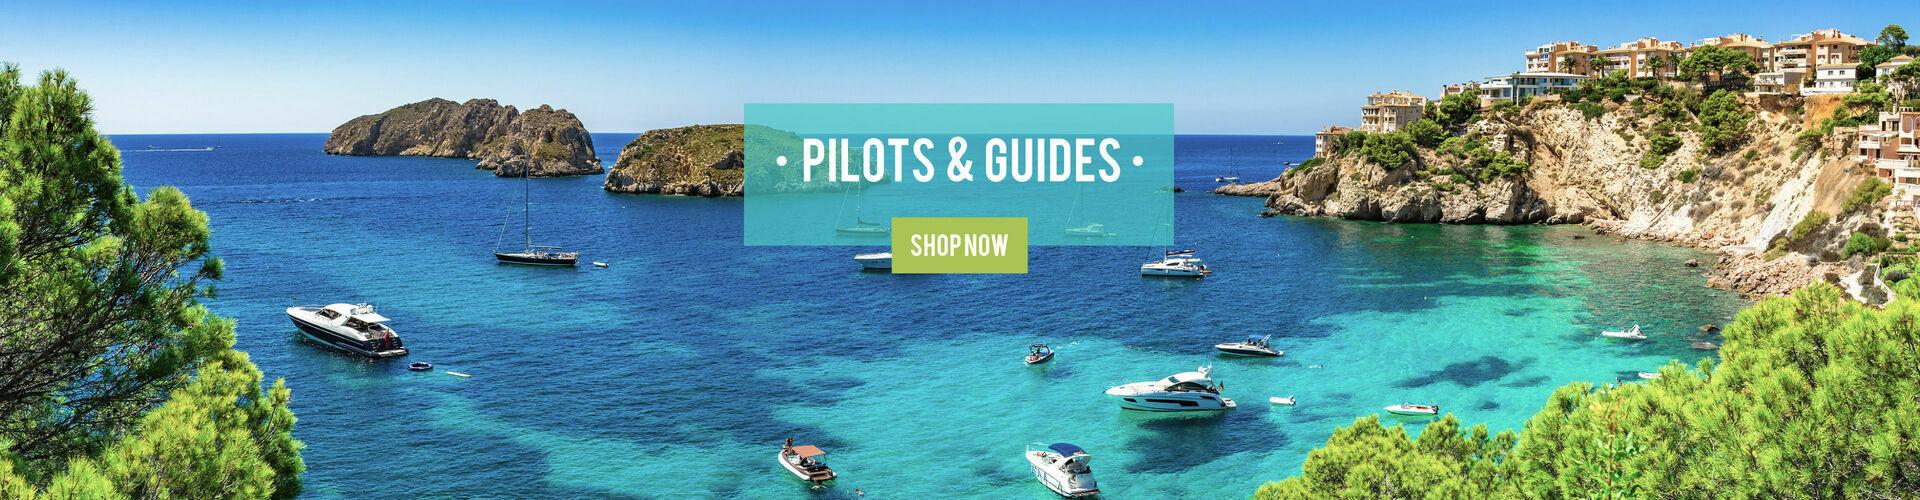 Pilots & Guides